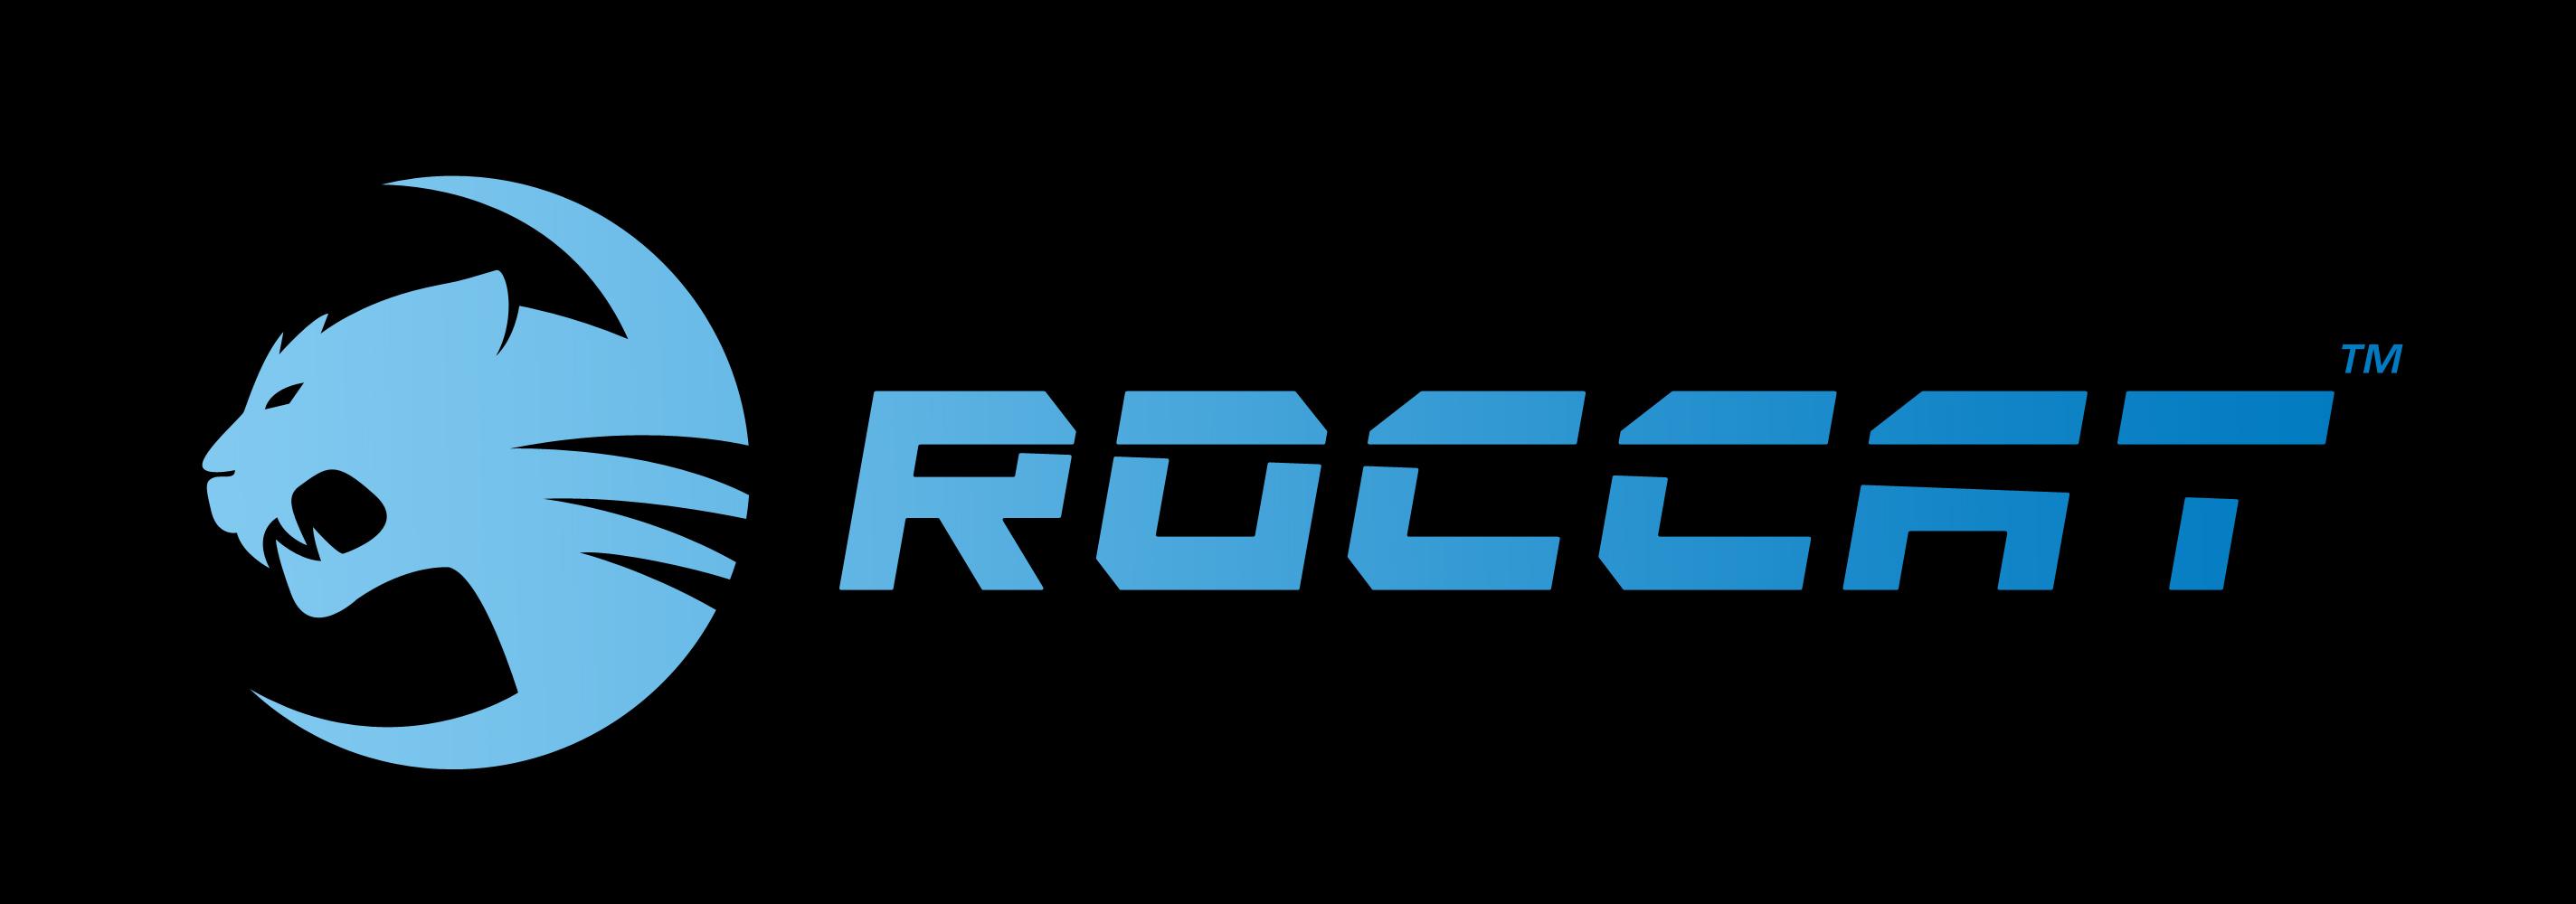 2848x1000 > Roccat Wallpapers